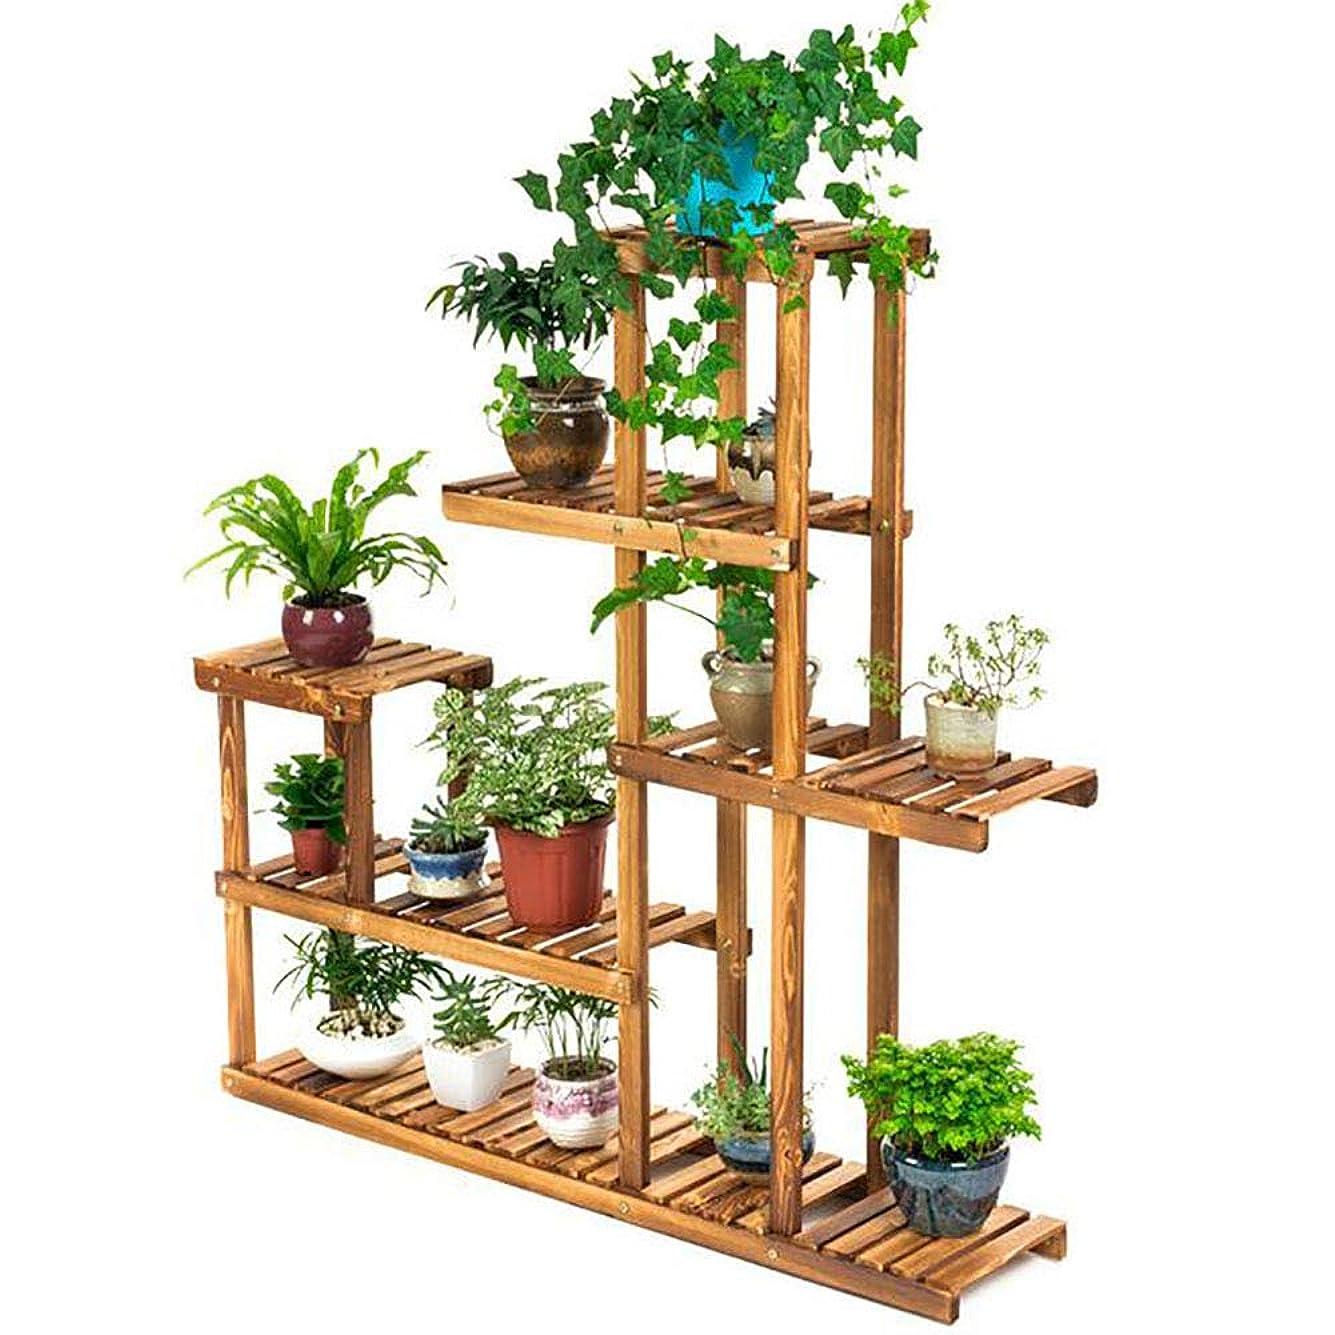 くちばしスクリーチテクニカルフロアフラワースタンド 植物スタンド 木製収納棚 屋外用シェルフ 家の装飾 124 * 26 * 124CM